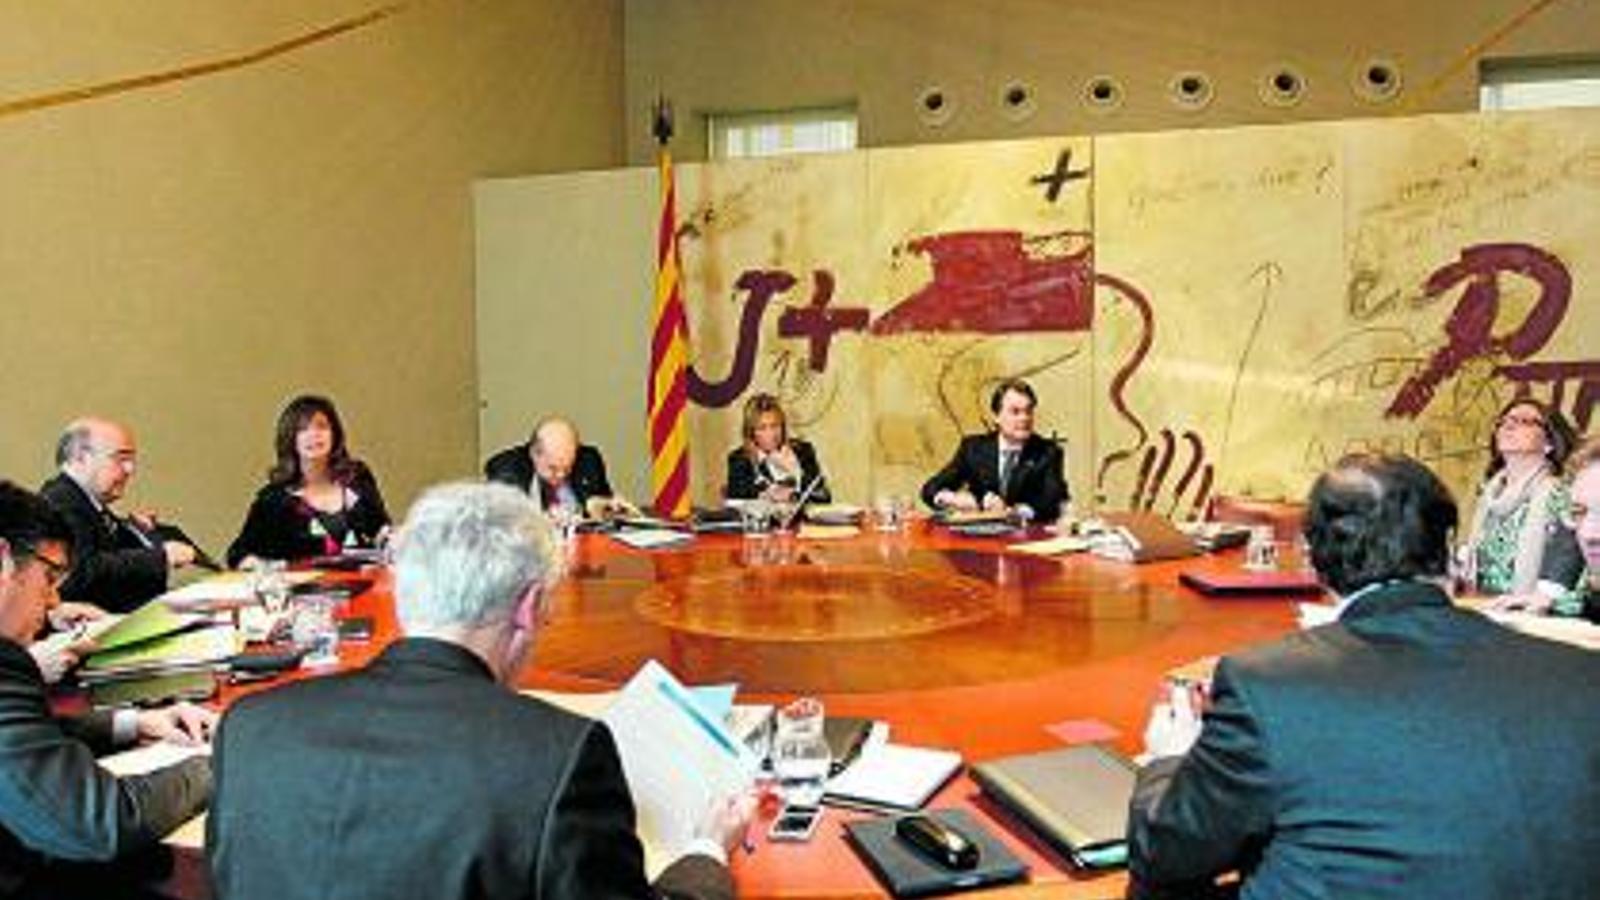 Les reunions del consell executiu del Govern no concreten grans mesures o, com a mínim, de moment no les fan públiques.